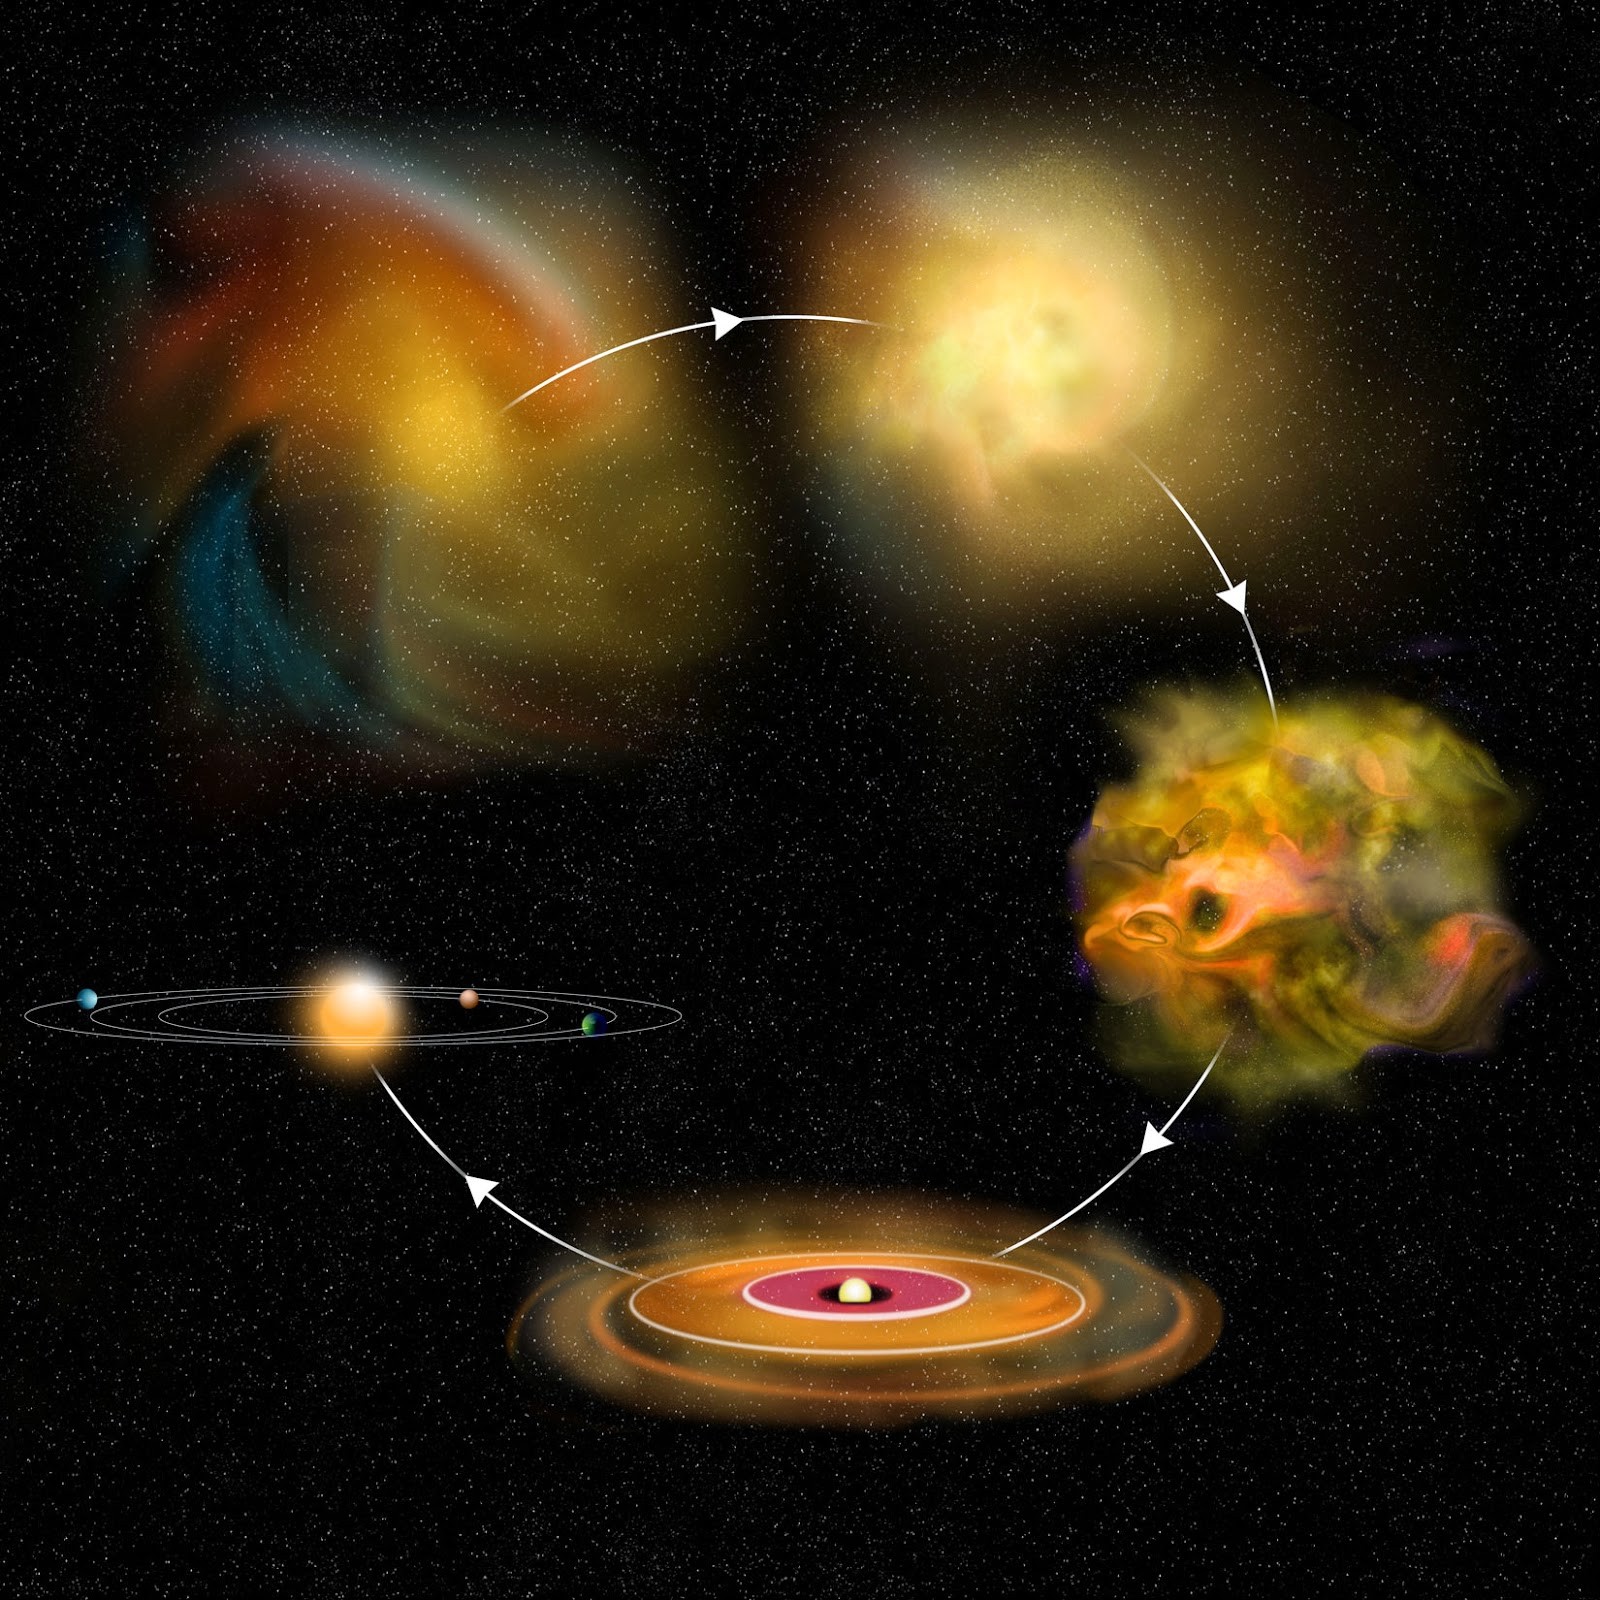 Resultado de imagen de Pero está claro que todo el proceso estelar evolutivo inorgánico nos condujo desde el simple gas y polvo cósmico a la formación de estrellas y nebulosas solares hasta los planetas